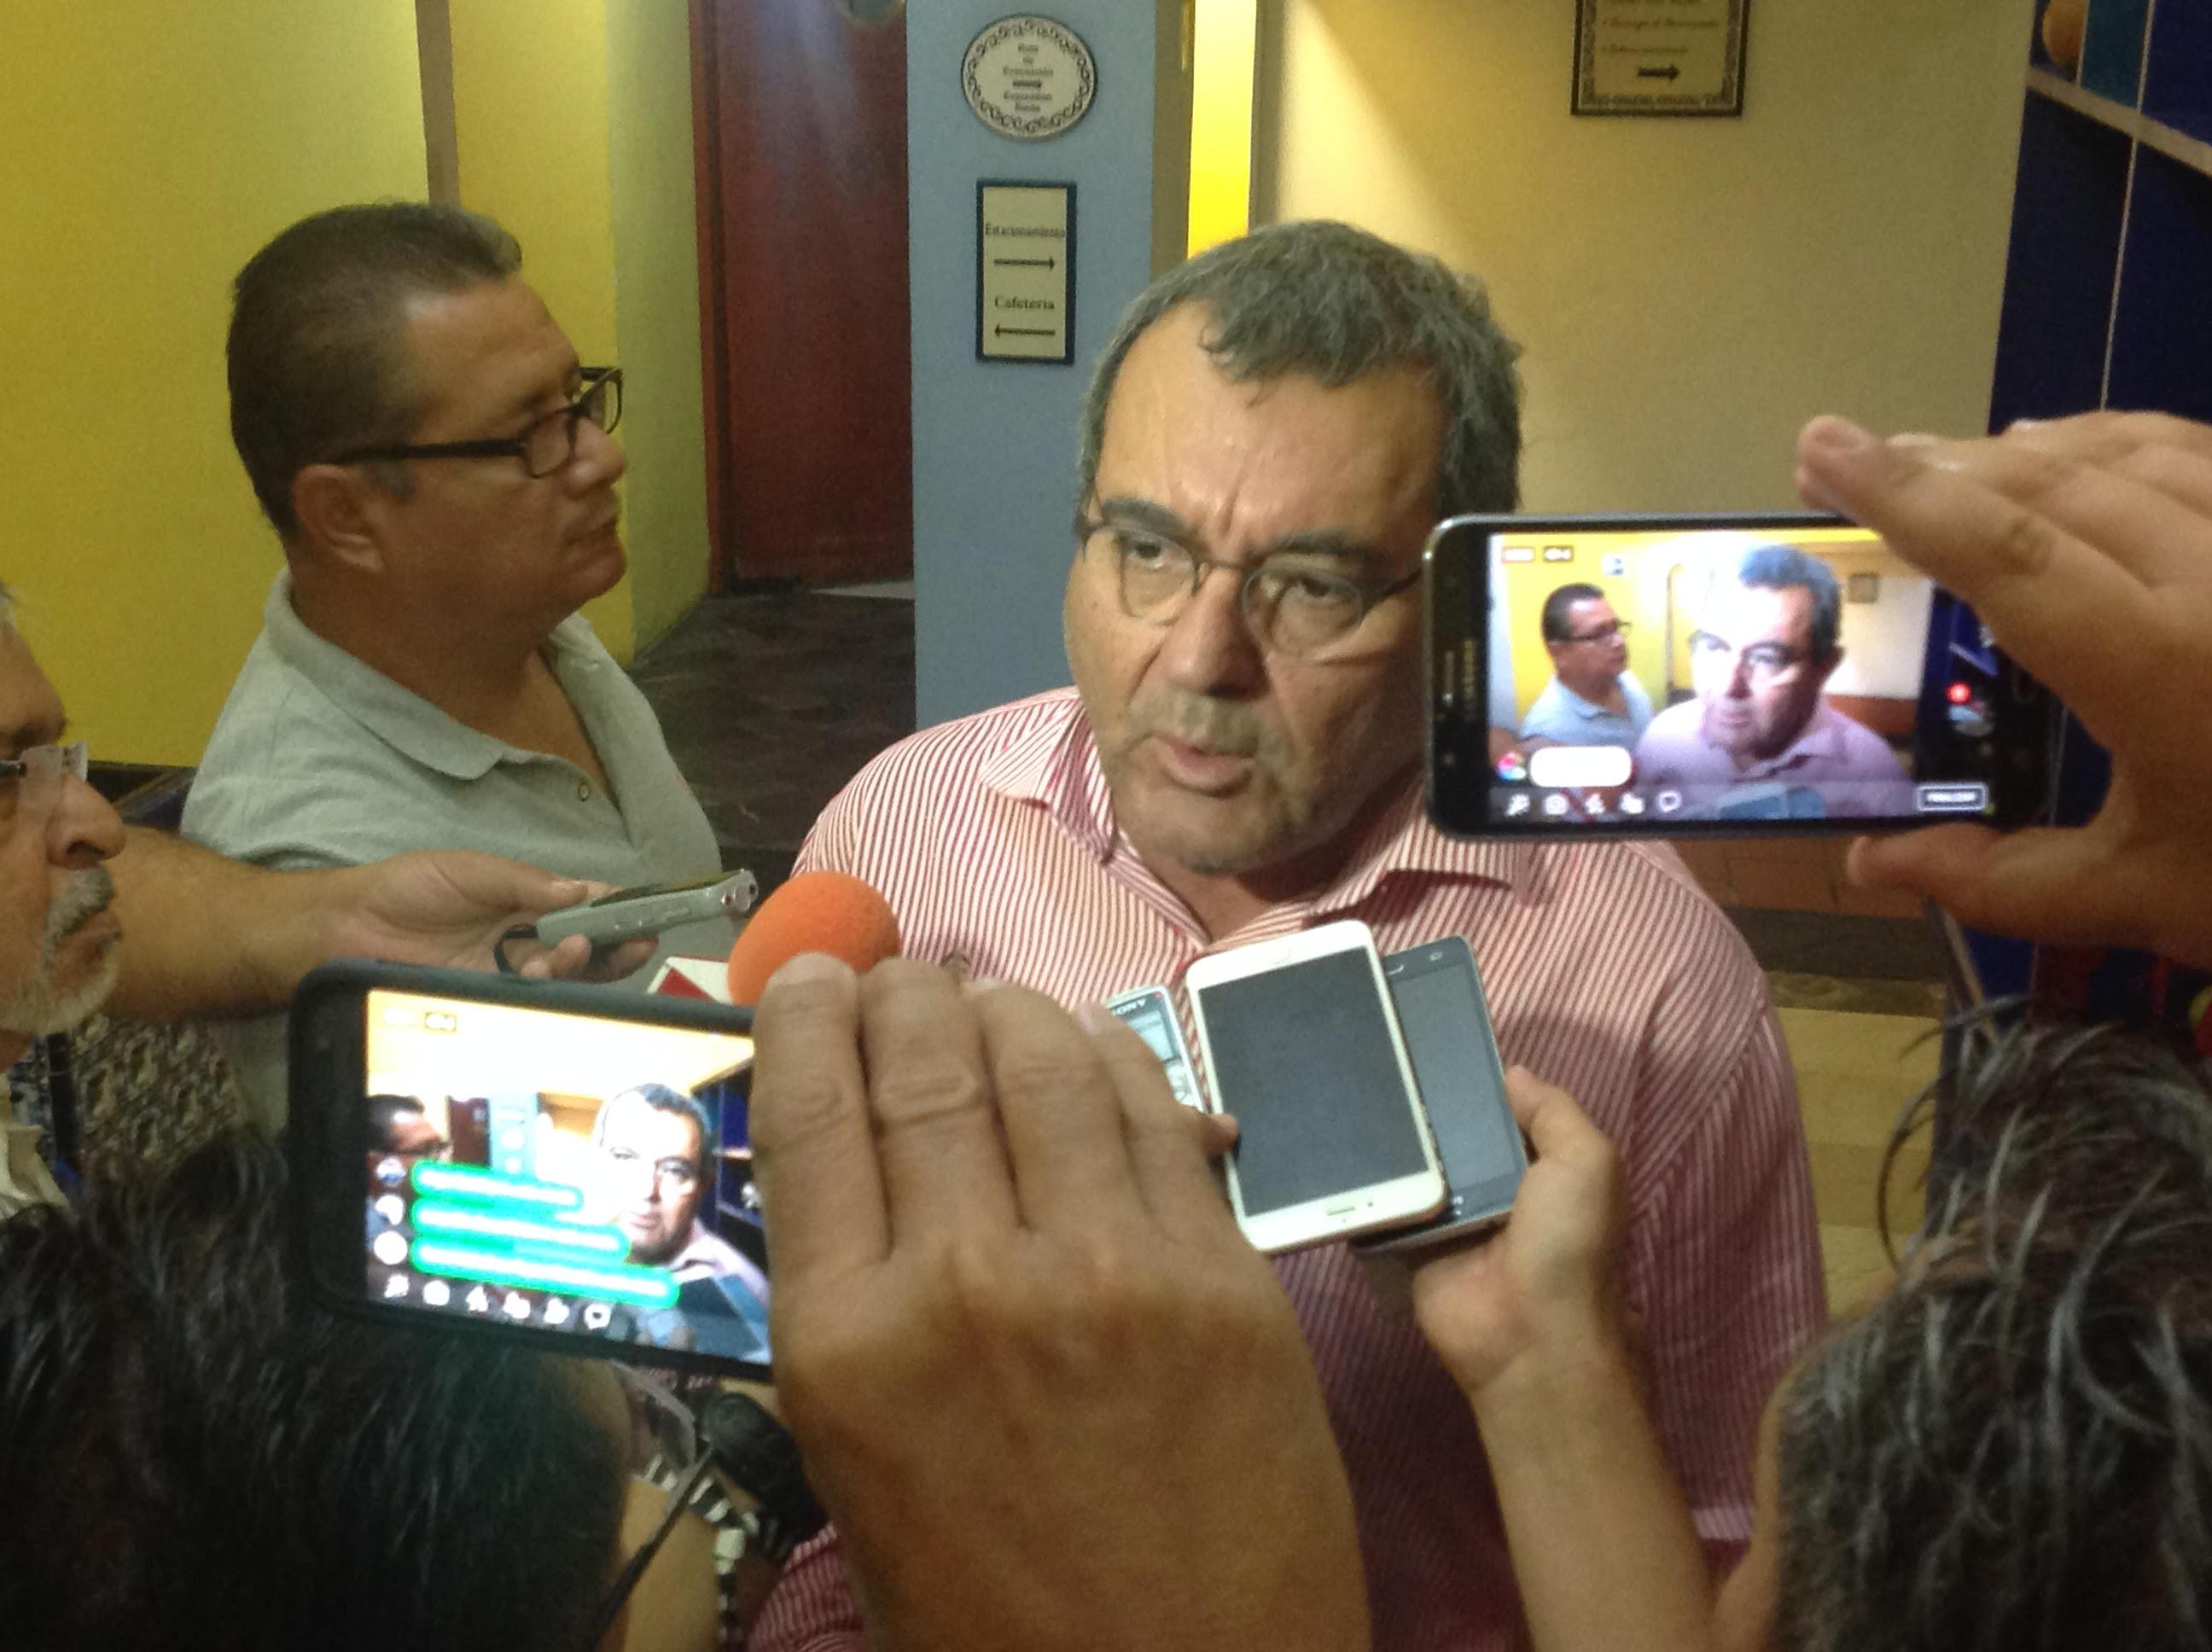 Campañas de presidenciables han sido de descalificaciones; se espera un debate sin denostación: Coparmex Colima